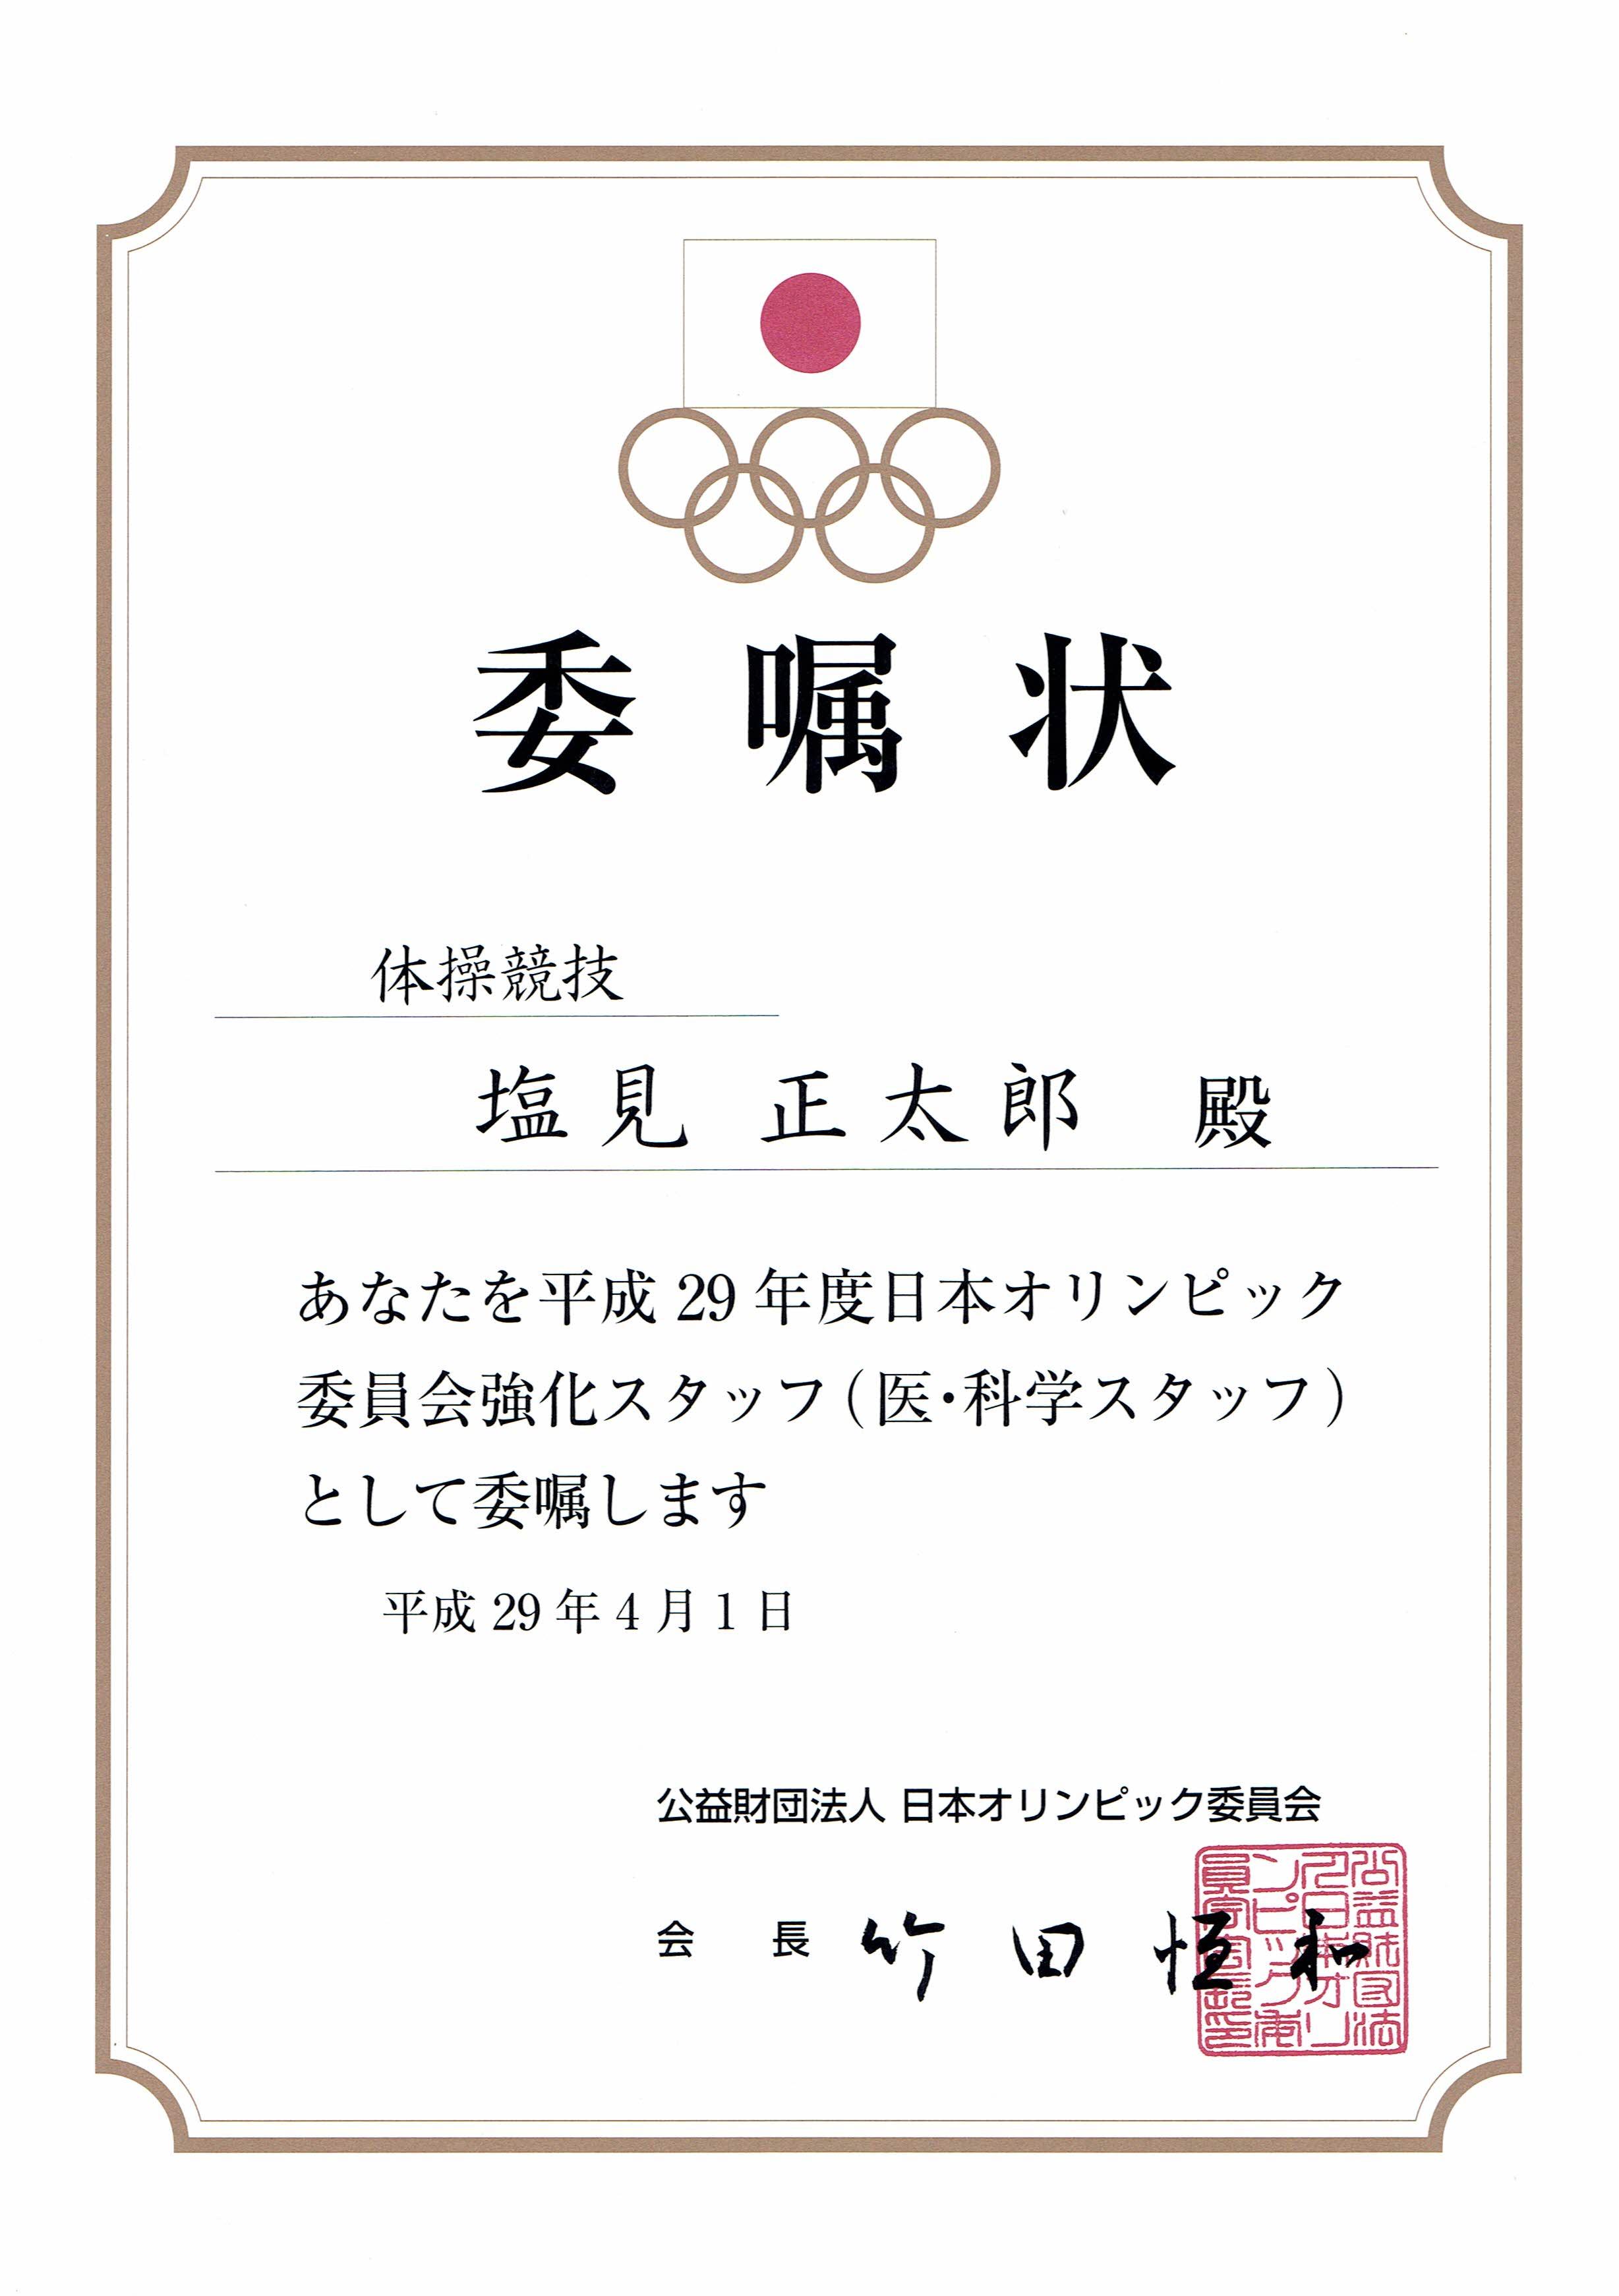 委員 日本 会 オリンピック 役員等